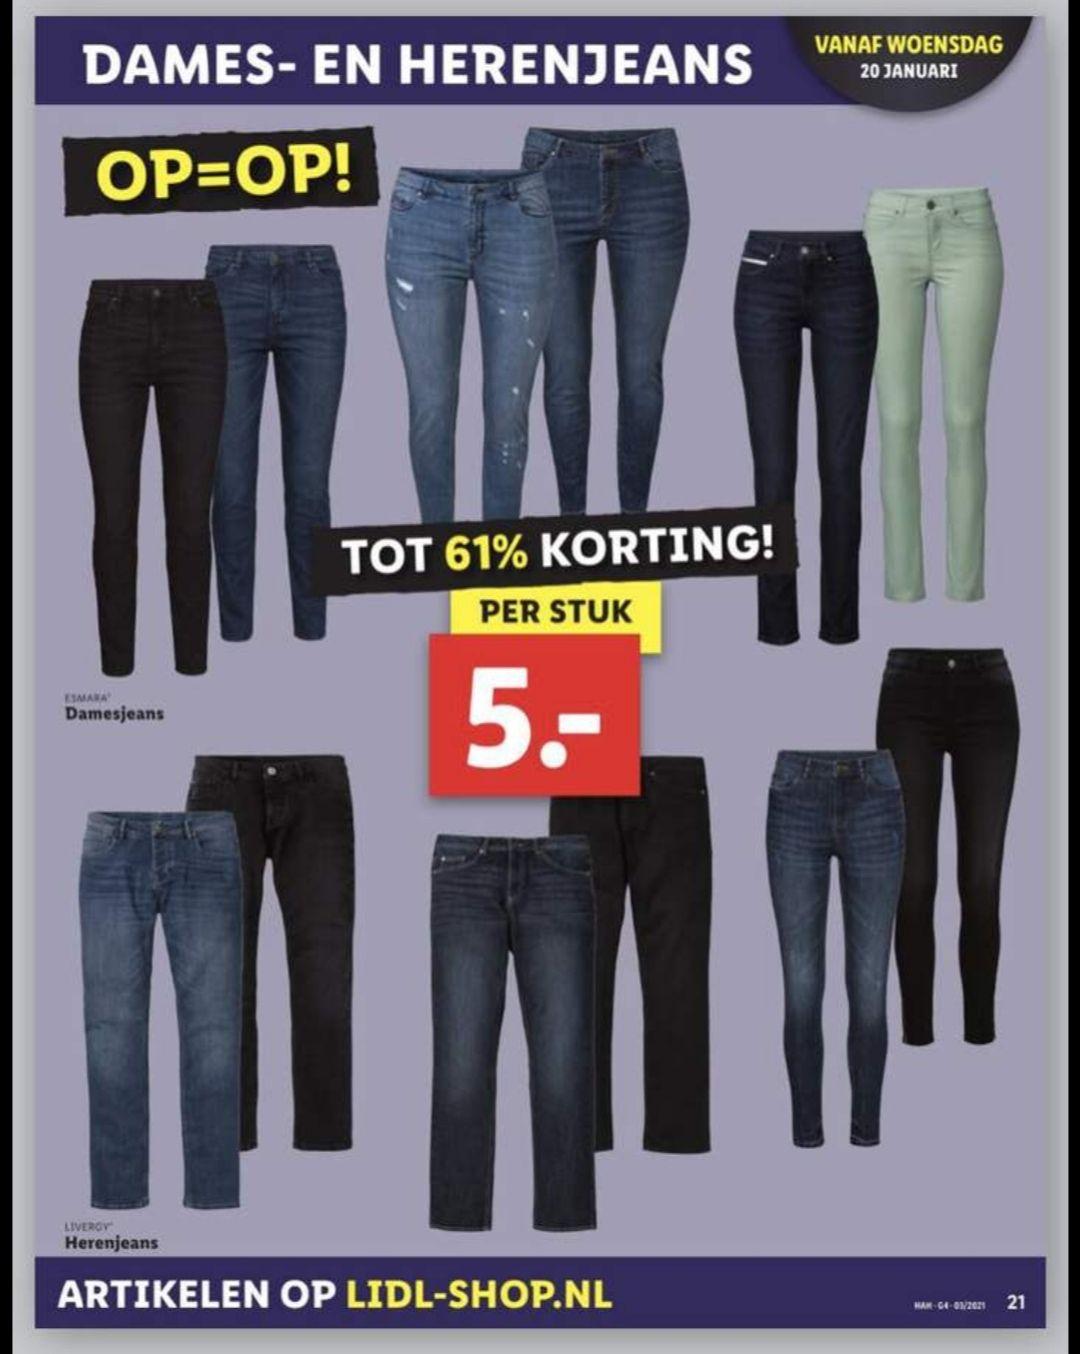 Dames en heren jeans voor €5,- bij Lidl v.a. woensdag 20 januari